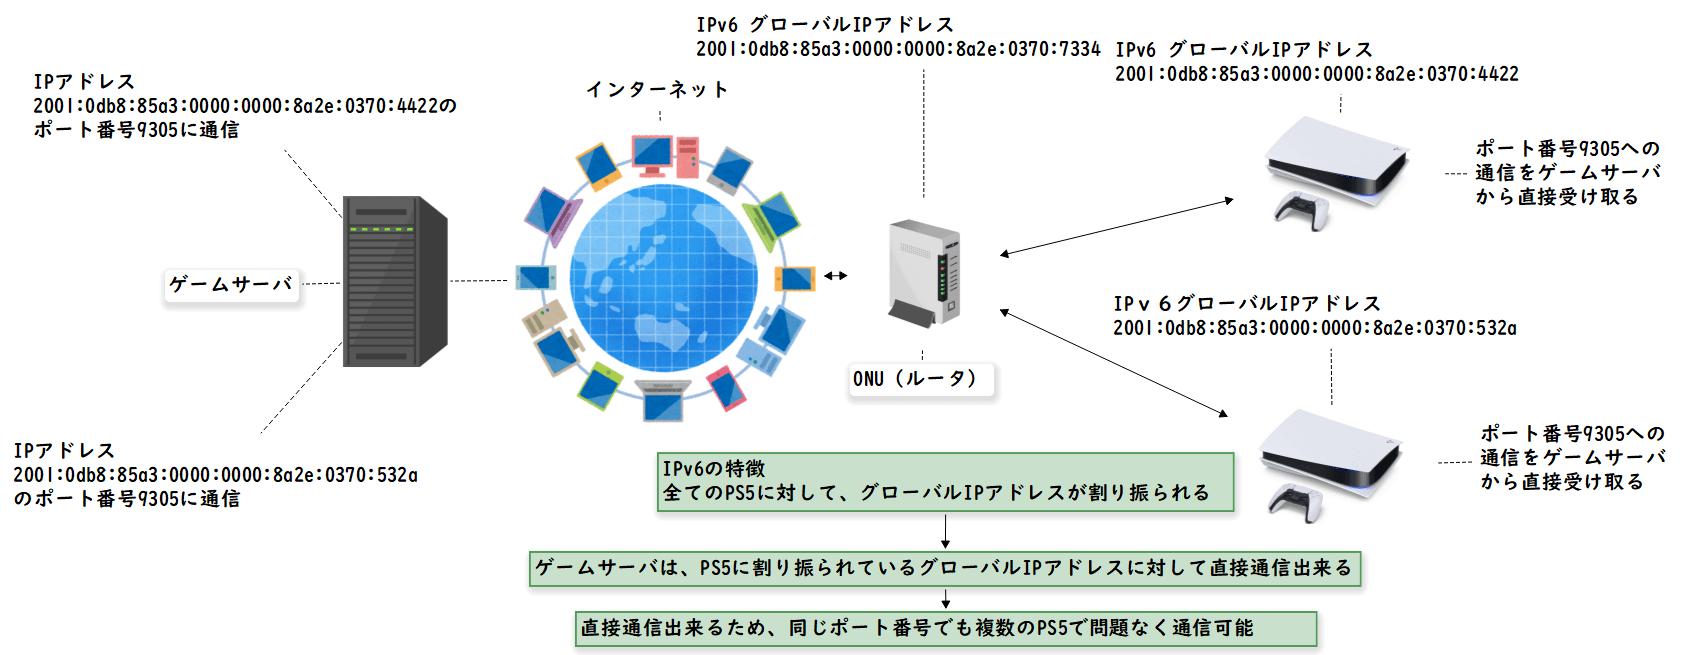 IPv6対応のPS5はグローバルIPアドレスが付与される(クリックで拡大)